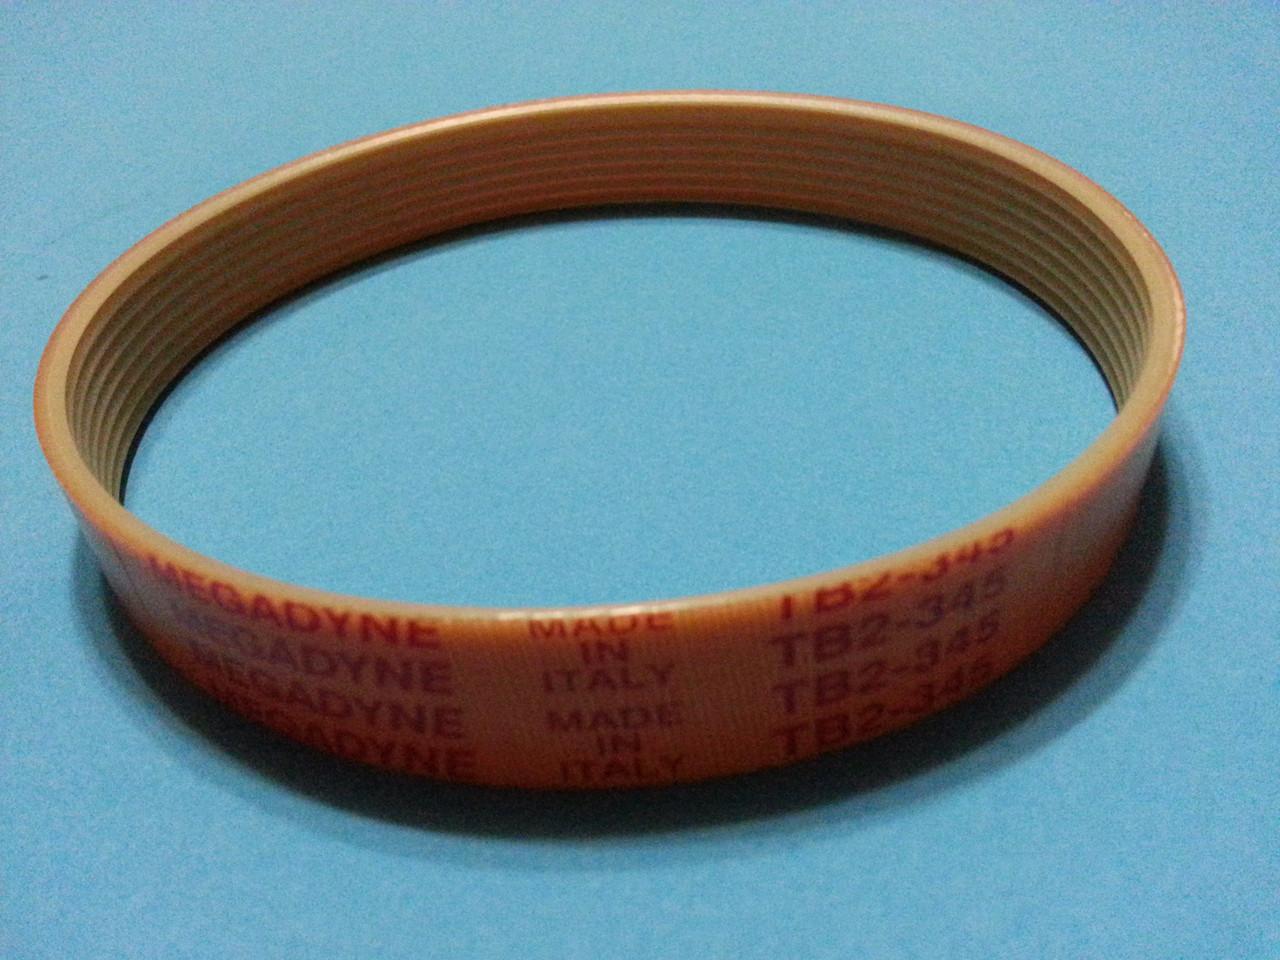 Ремень слайсера TB2-345 для Omas, Sirman Mirra 220/250/275